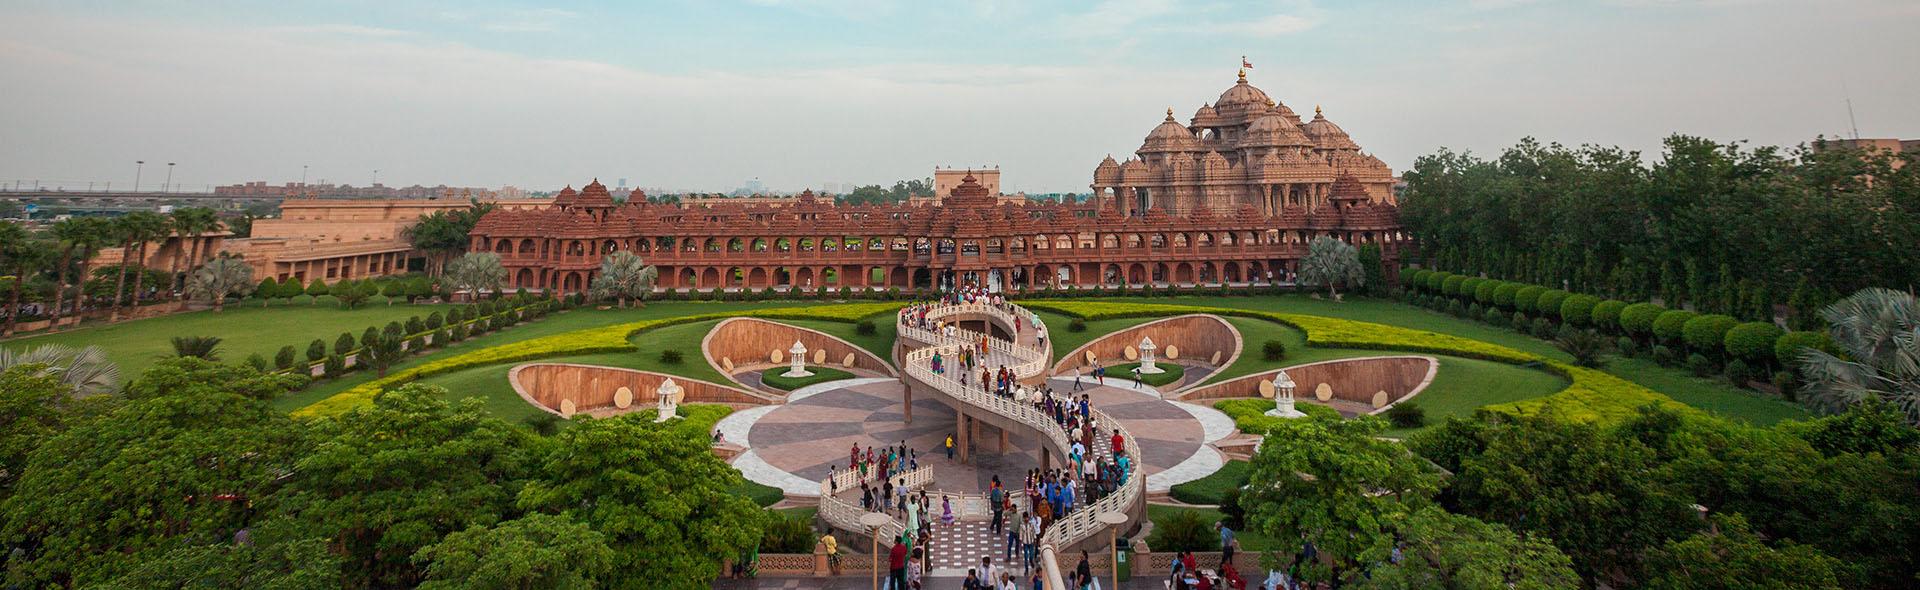 Swaminarayan Akshardham: Yogi Rudaykamal Garden